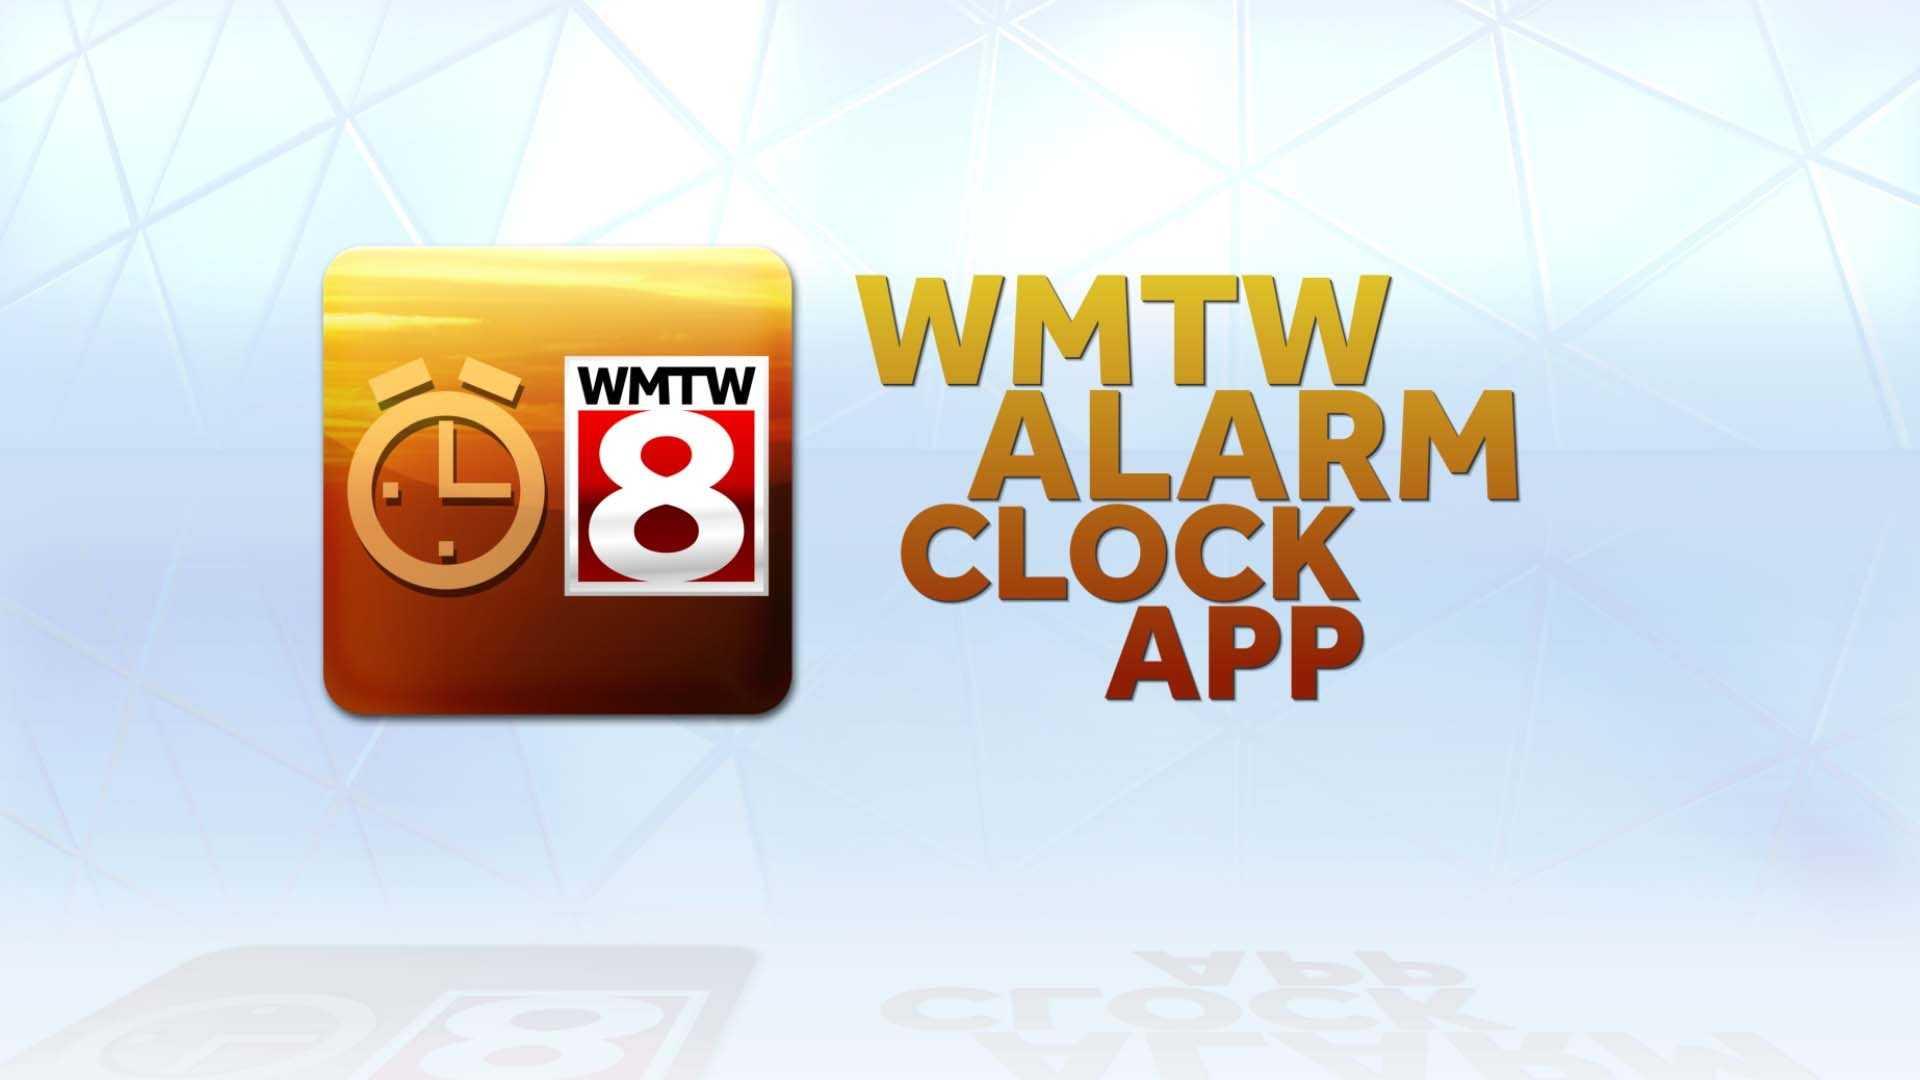 alarm clock app stills.jpg